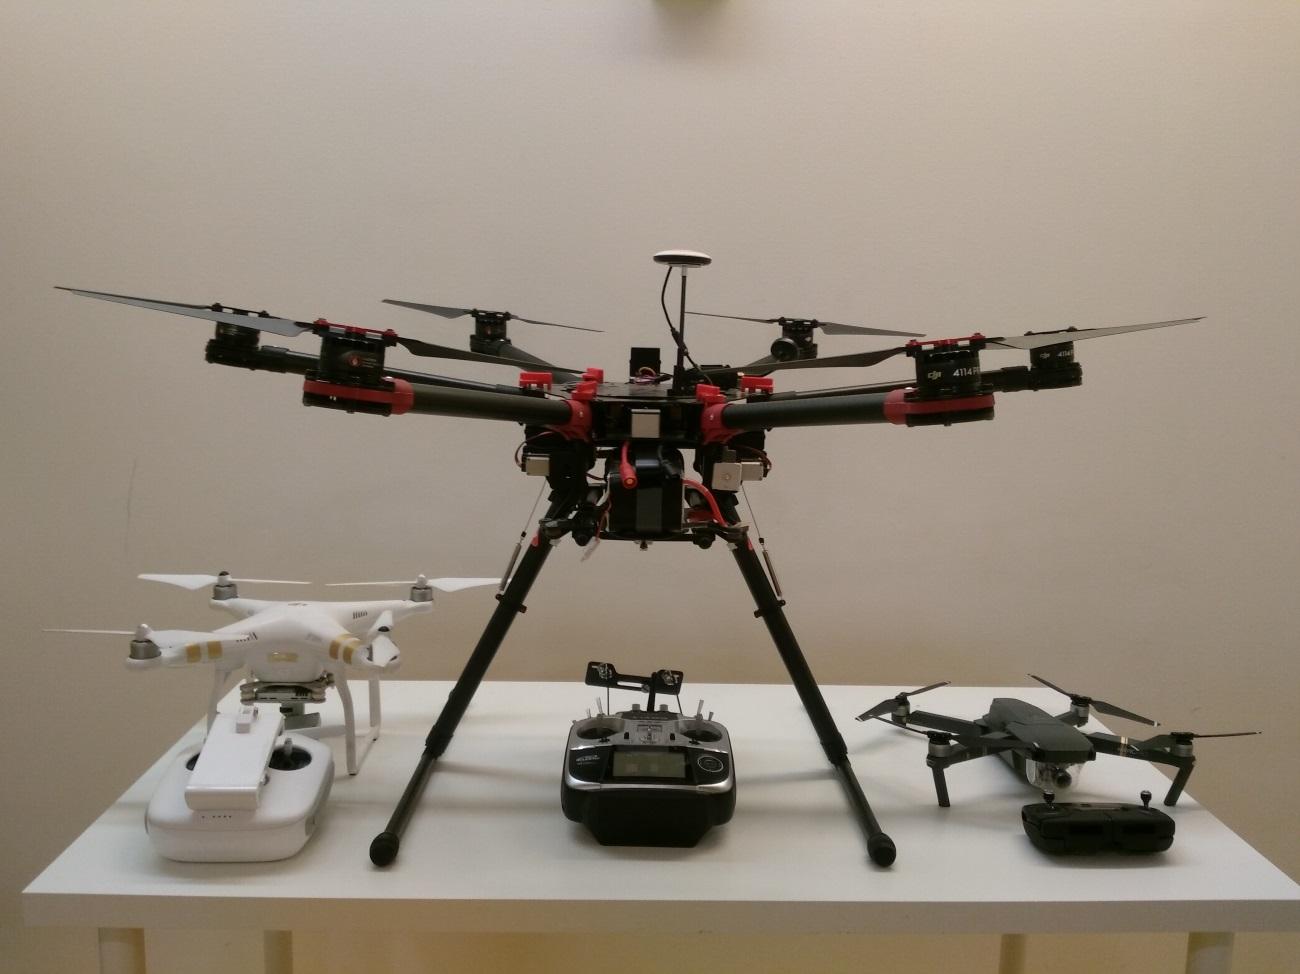 alquiler de drones: phantom3, dji s900, mavic